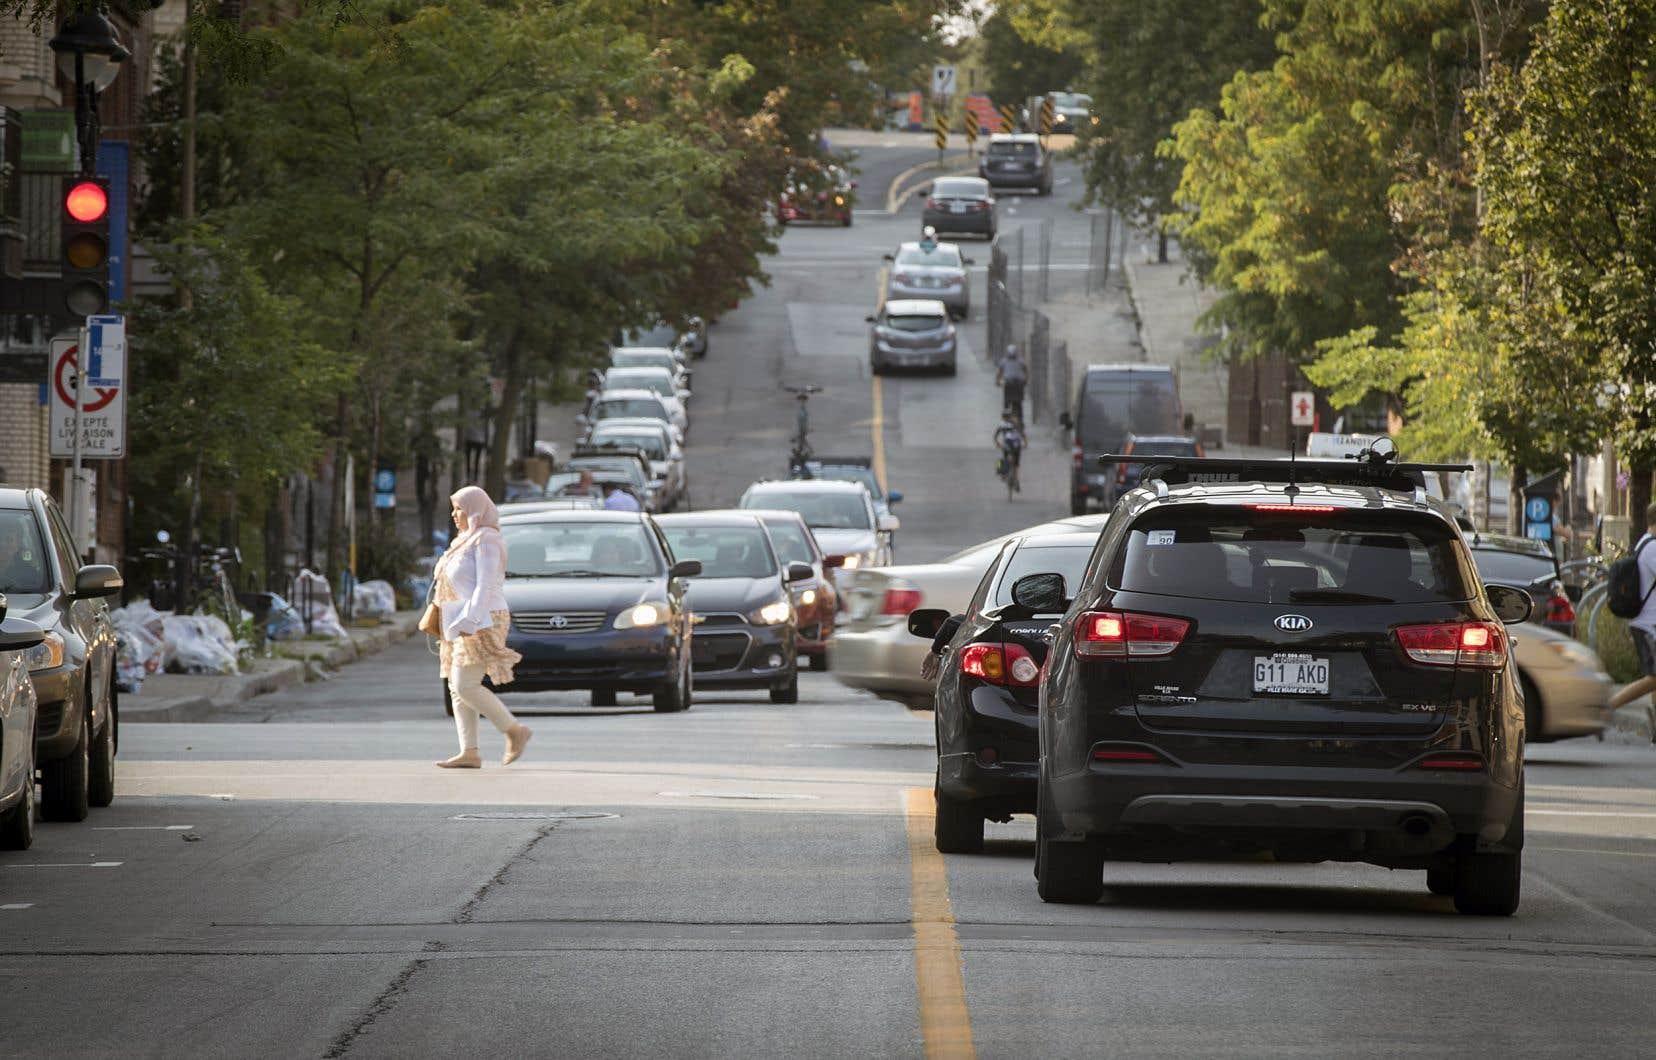 Le nombre de villes canadiennes ayant adopté des politiques publiques intégrant le concept de «rues conviviales» ne fait qu'augmenter depuis une dizaine d'années. À Montréal, aucun projet de ce genre n'a encore vu le jour.